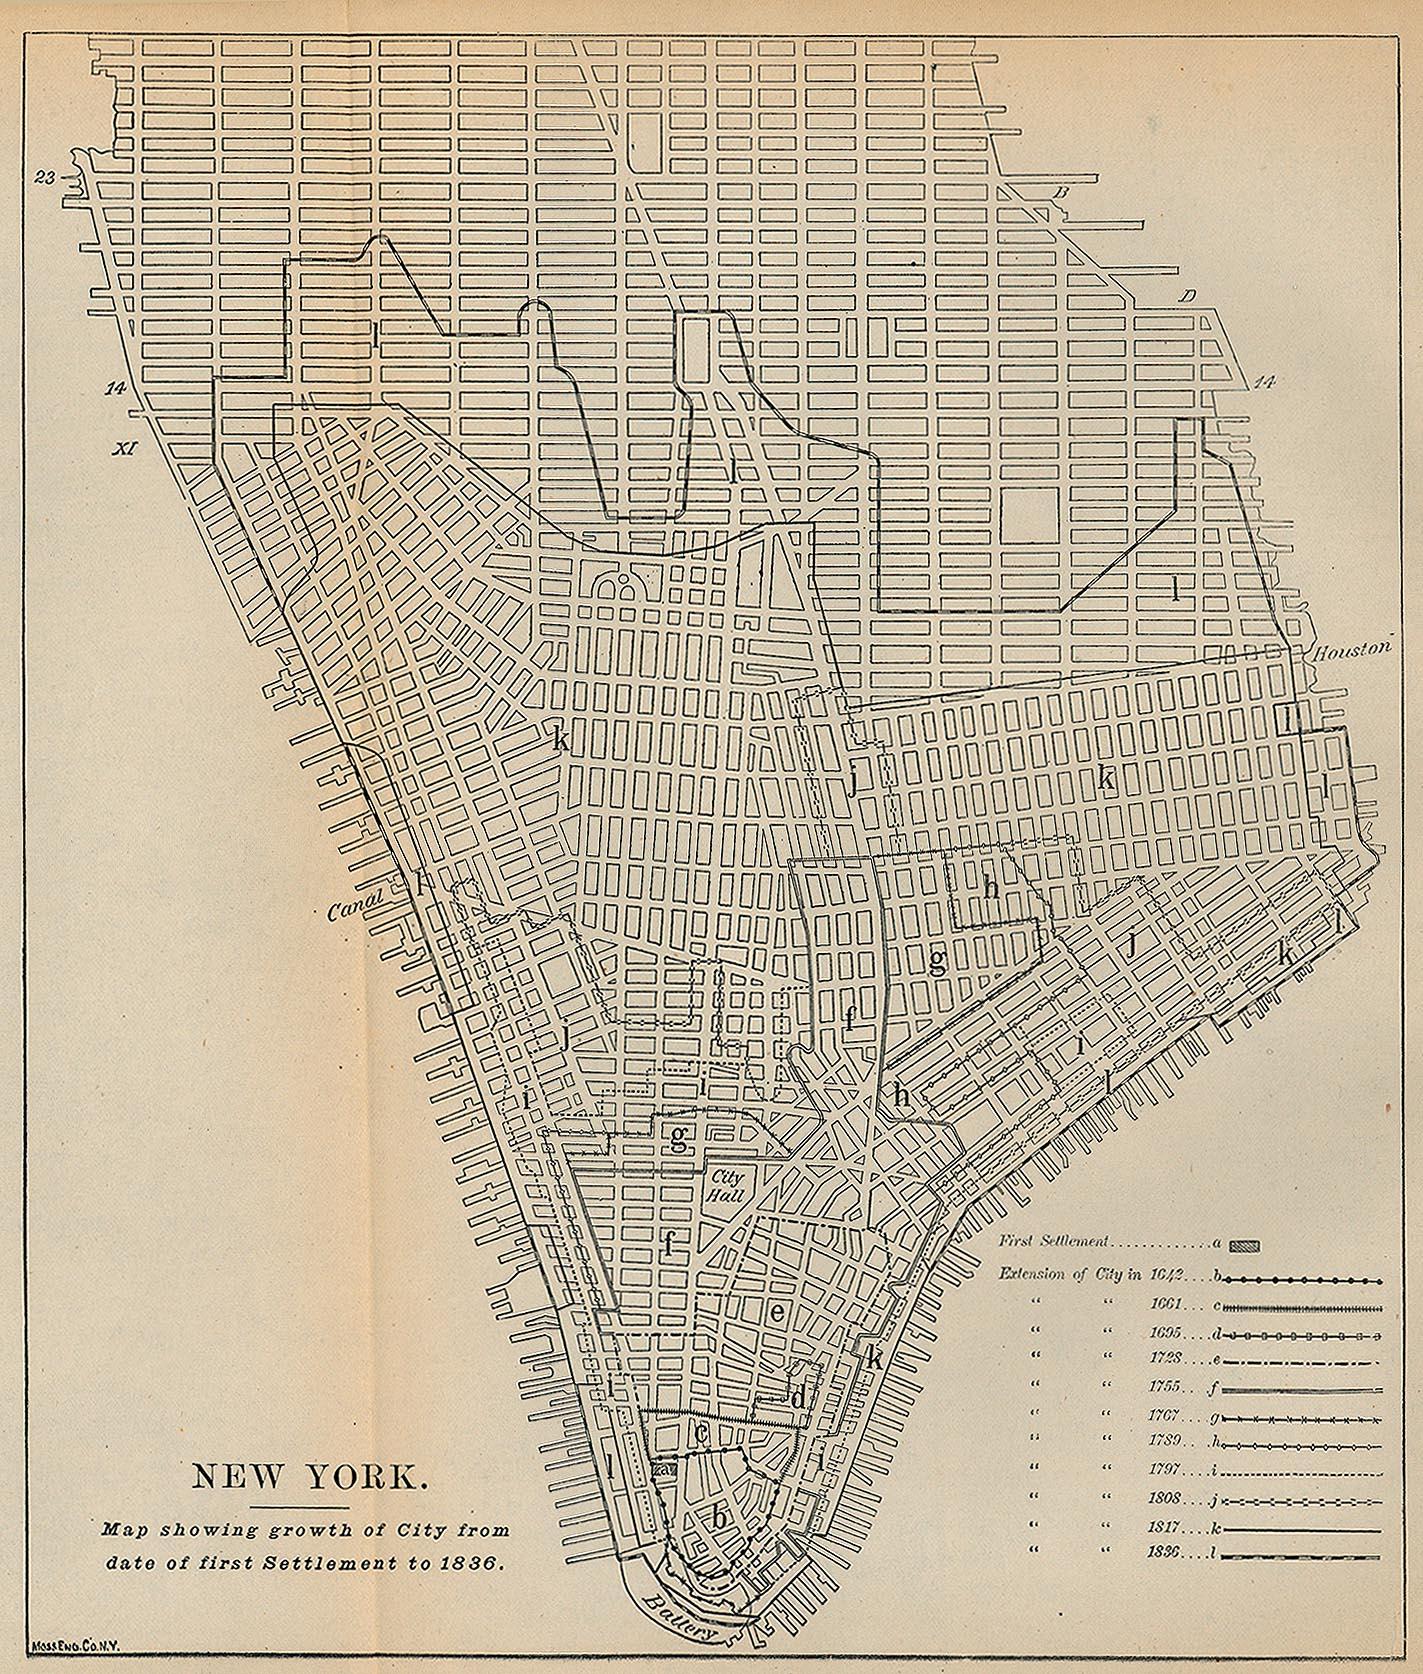 New York City First Settlement 1836 Map